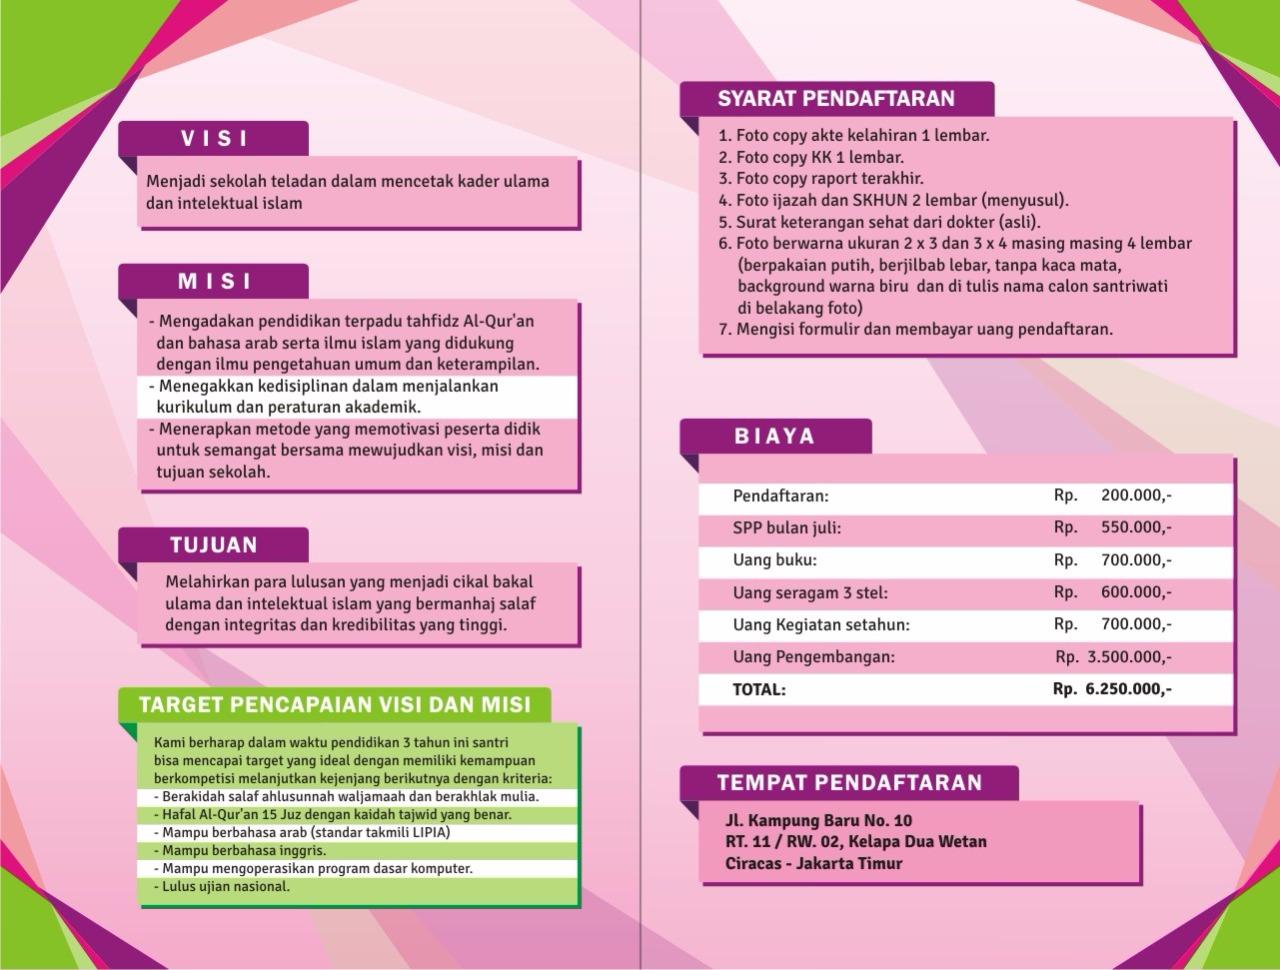 Download 600+ Background Foto Ijazah Smp Gratis Terbaru